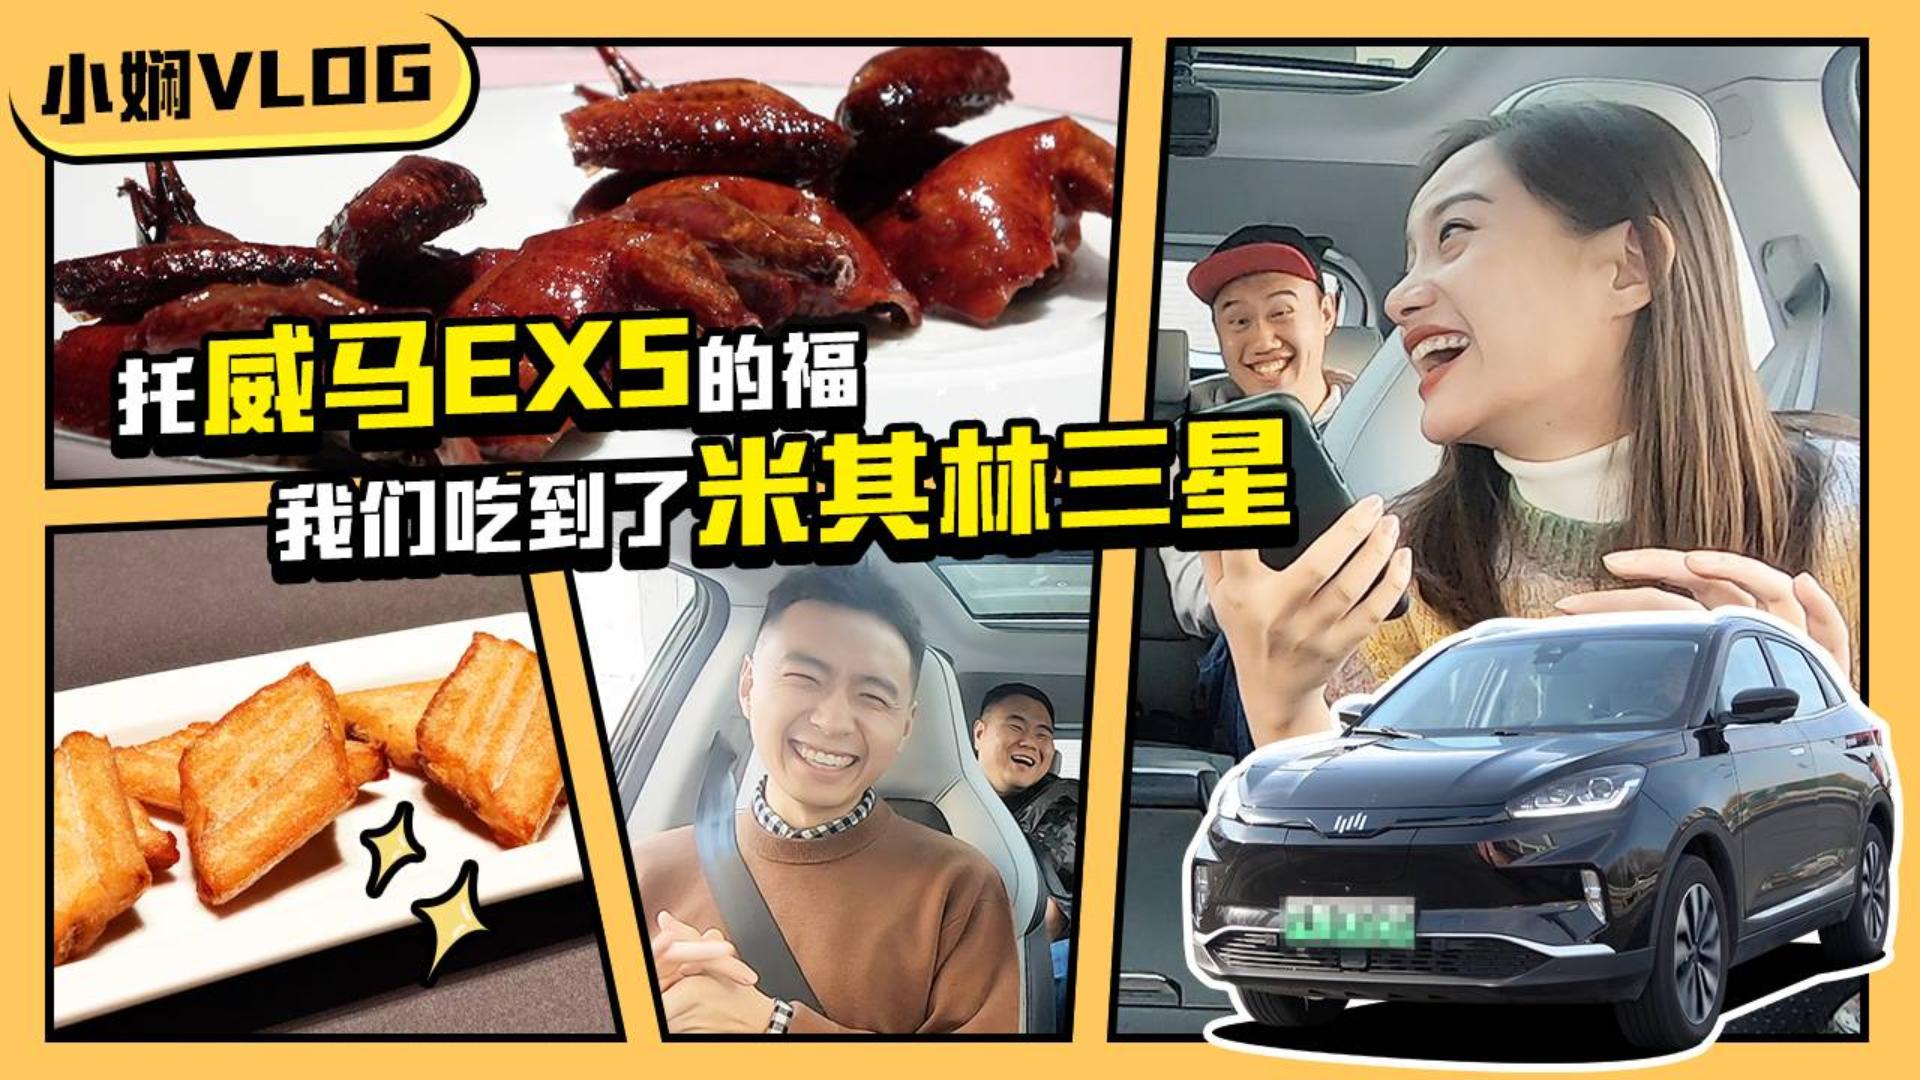 小娴vlog:托威马EX5的福 我们吃到了米其林三星